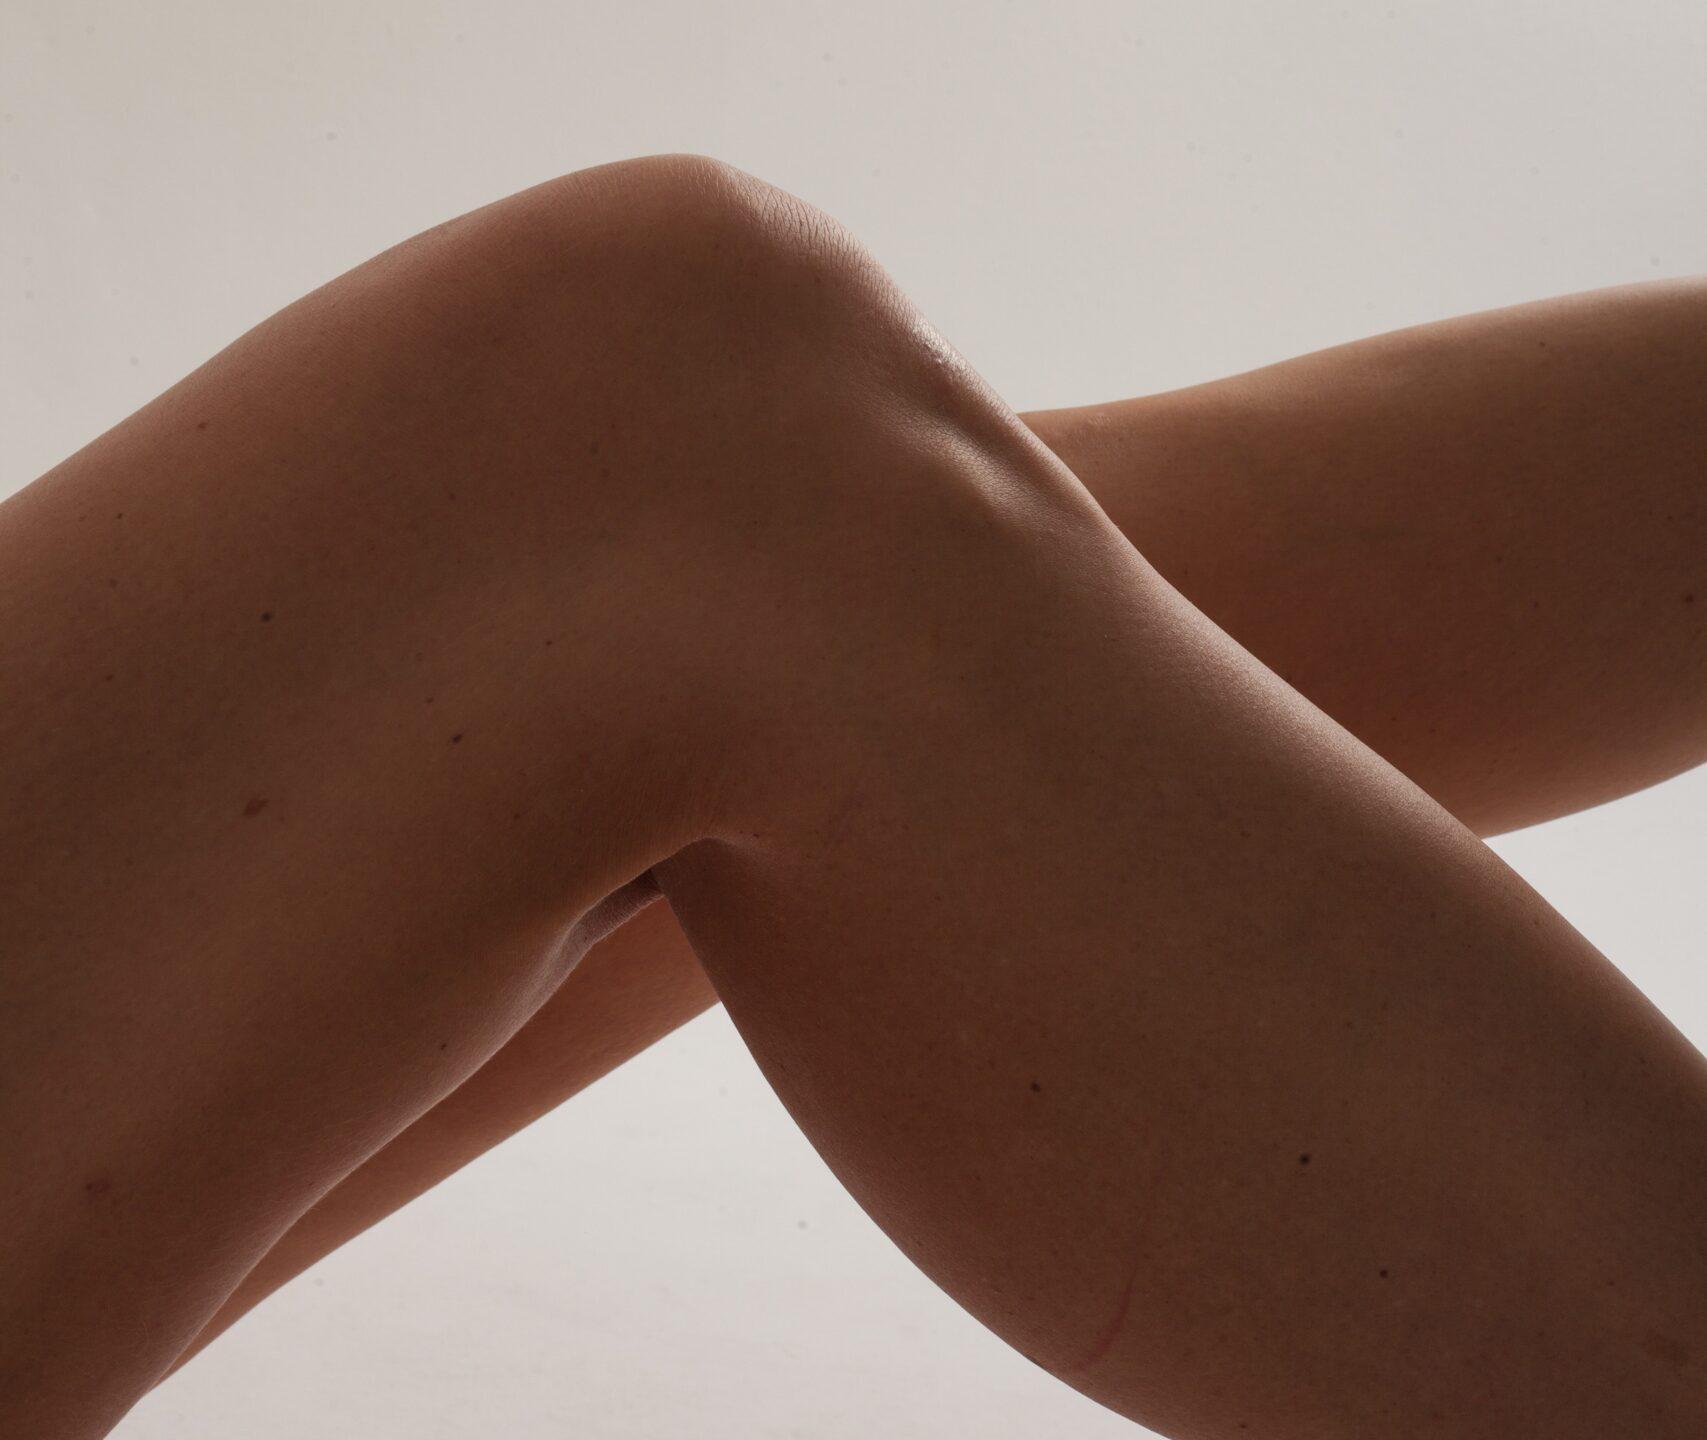 manhattan knee specialist